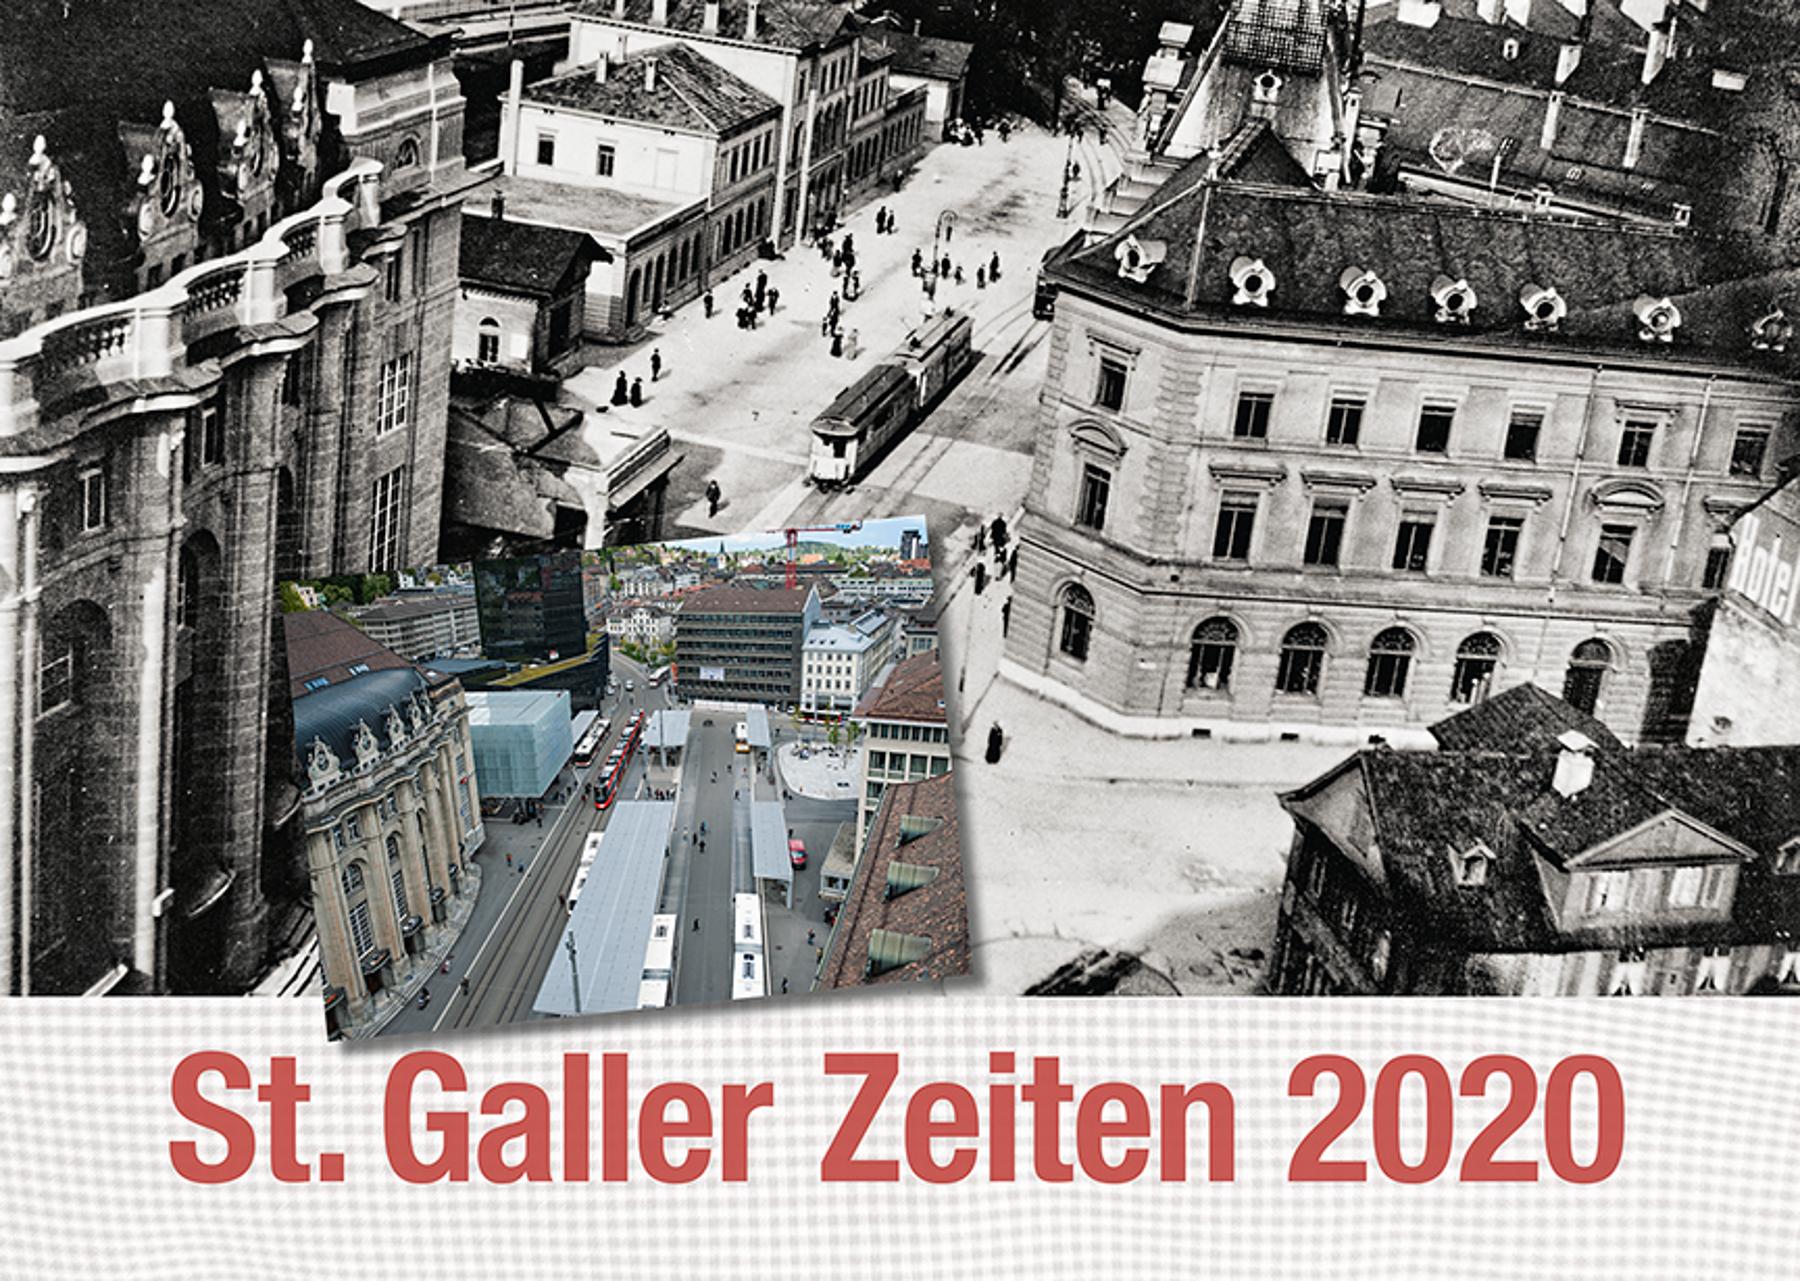 St.Galler Zeiten 2020